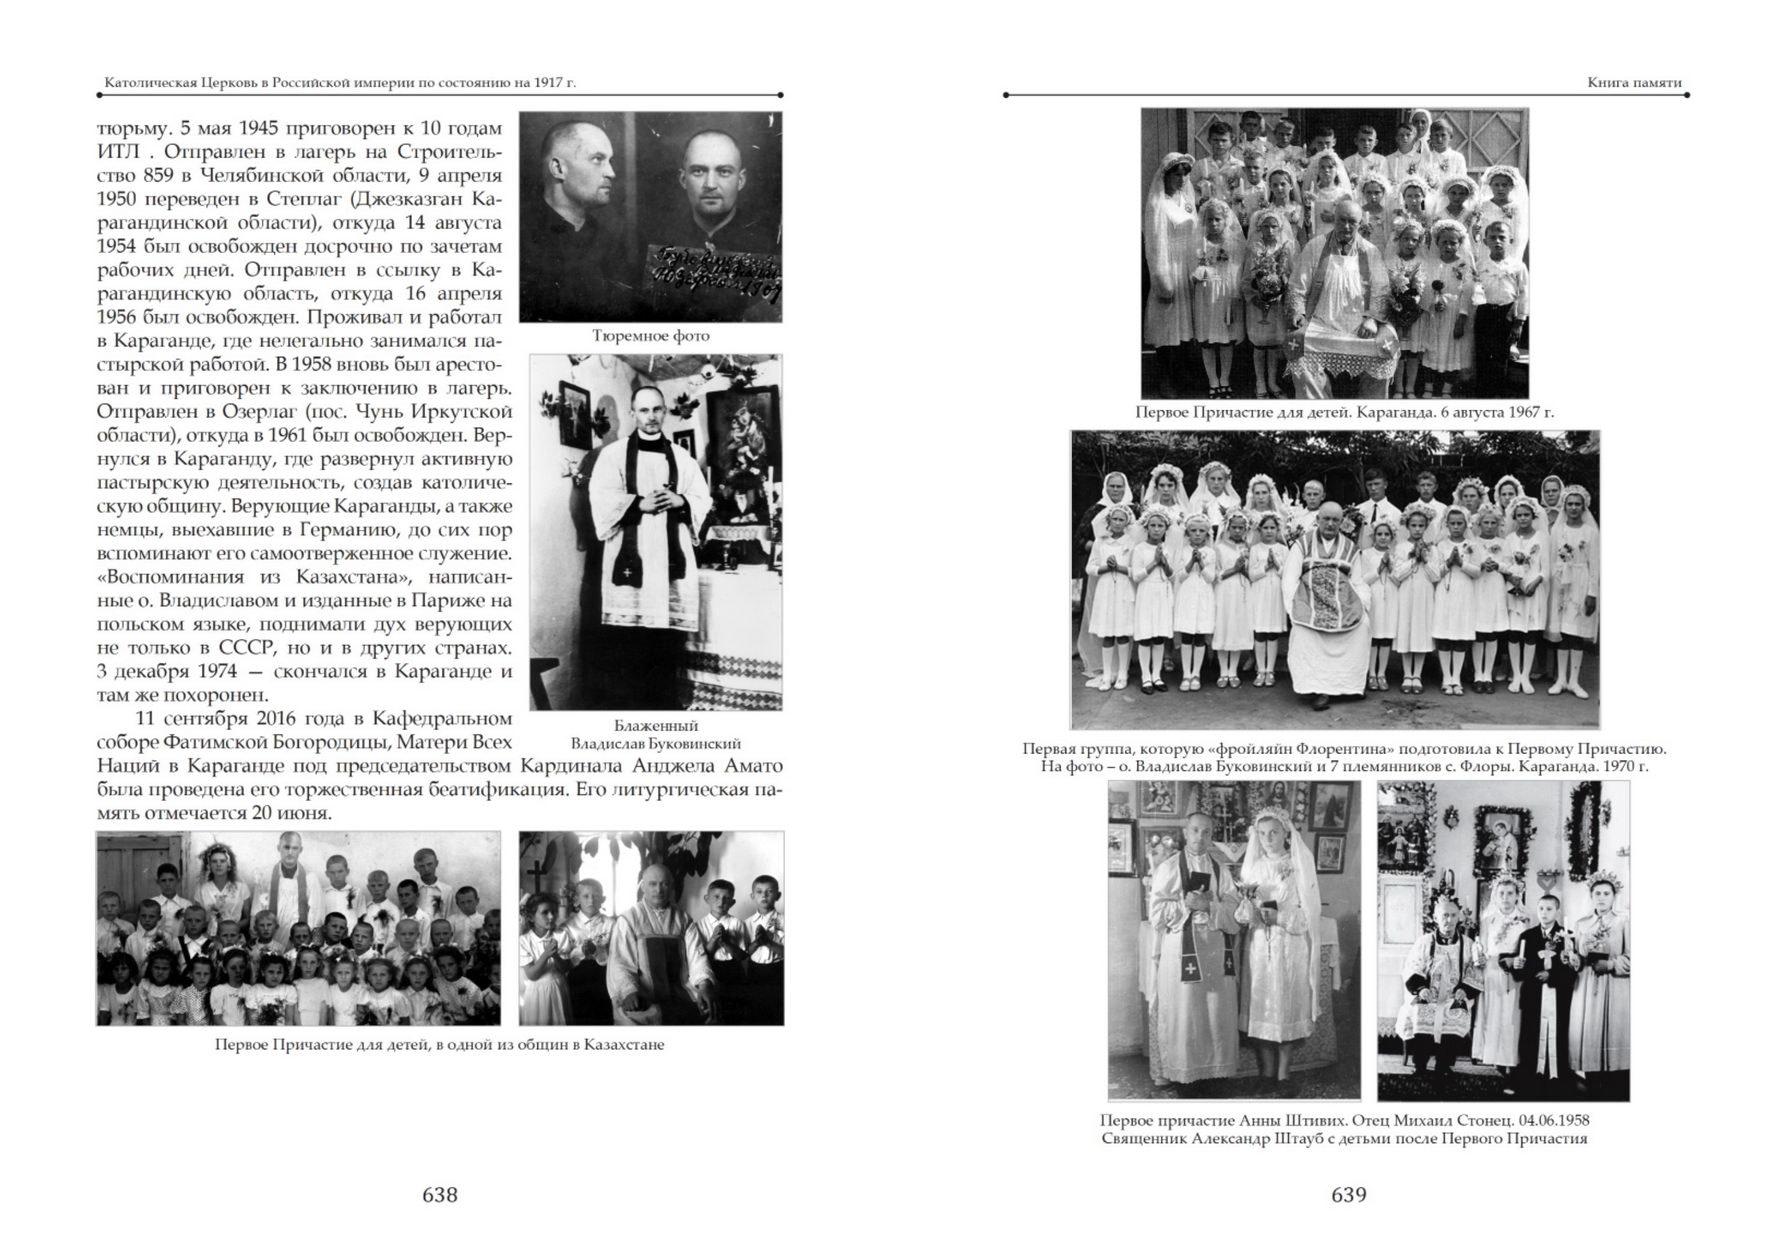 Издана книга, посвященная Католической Церкви в России накануне революции 1917 года и в Советский период 14